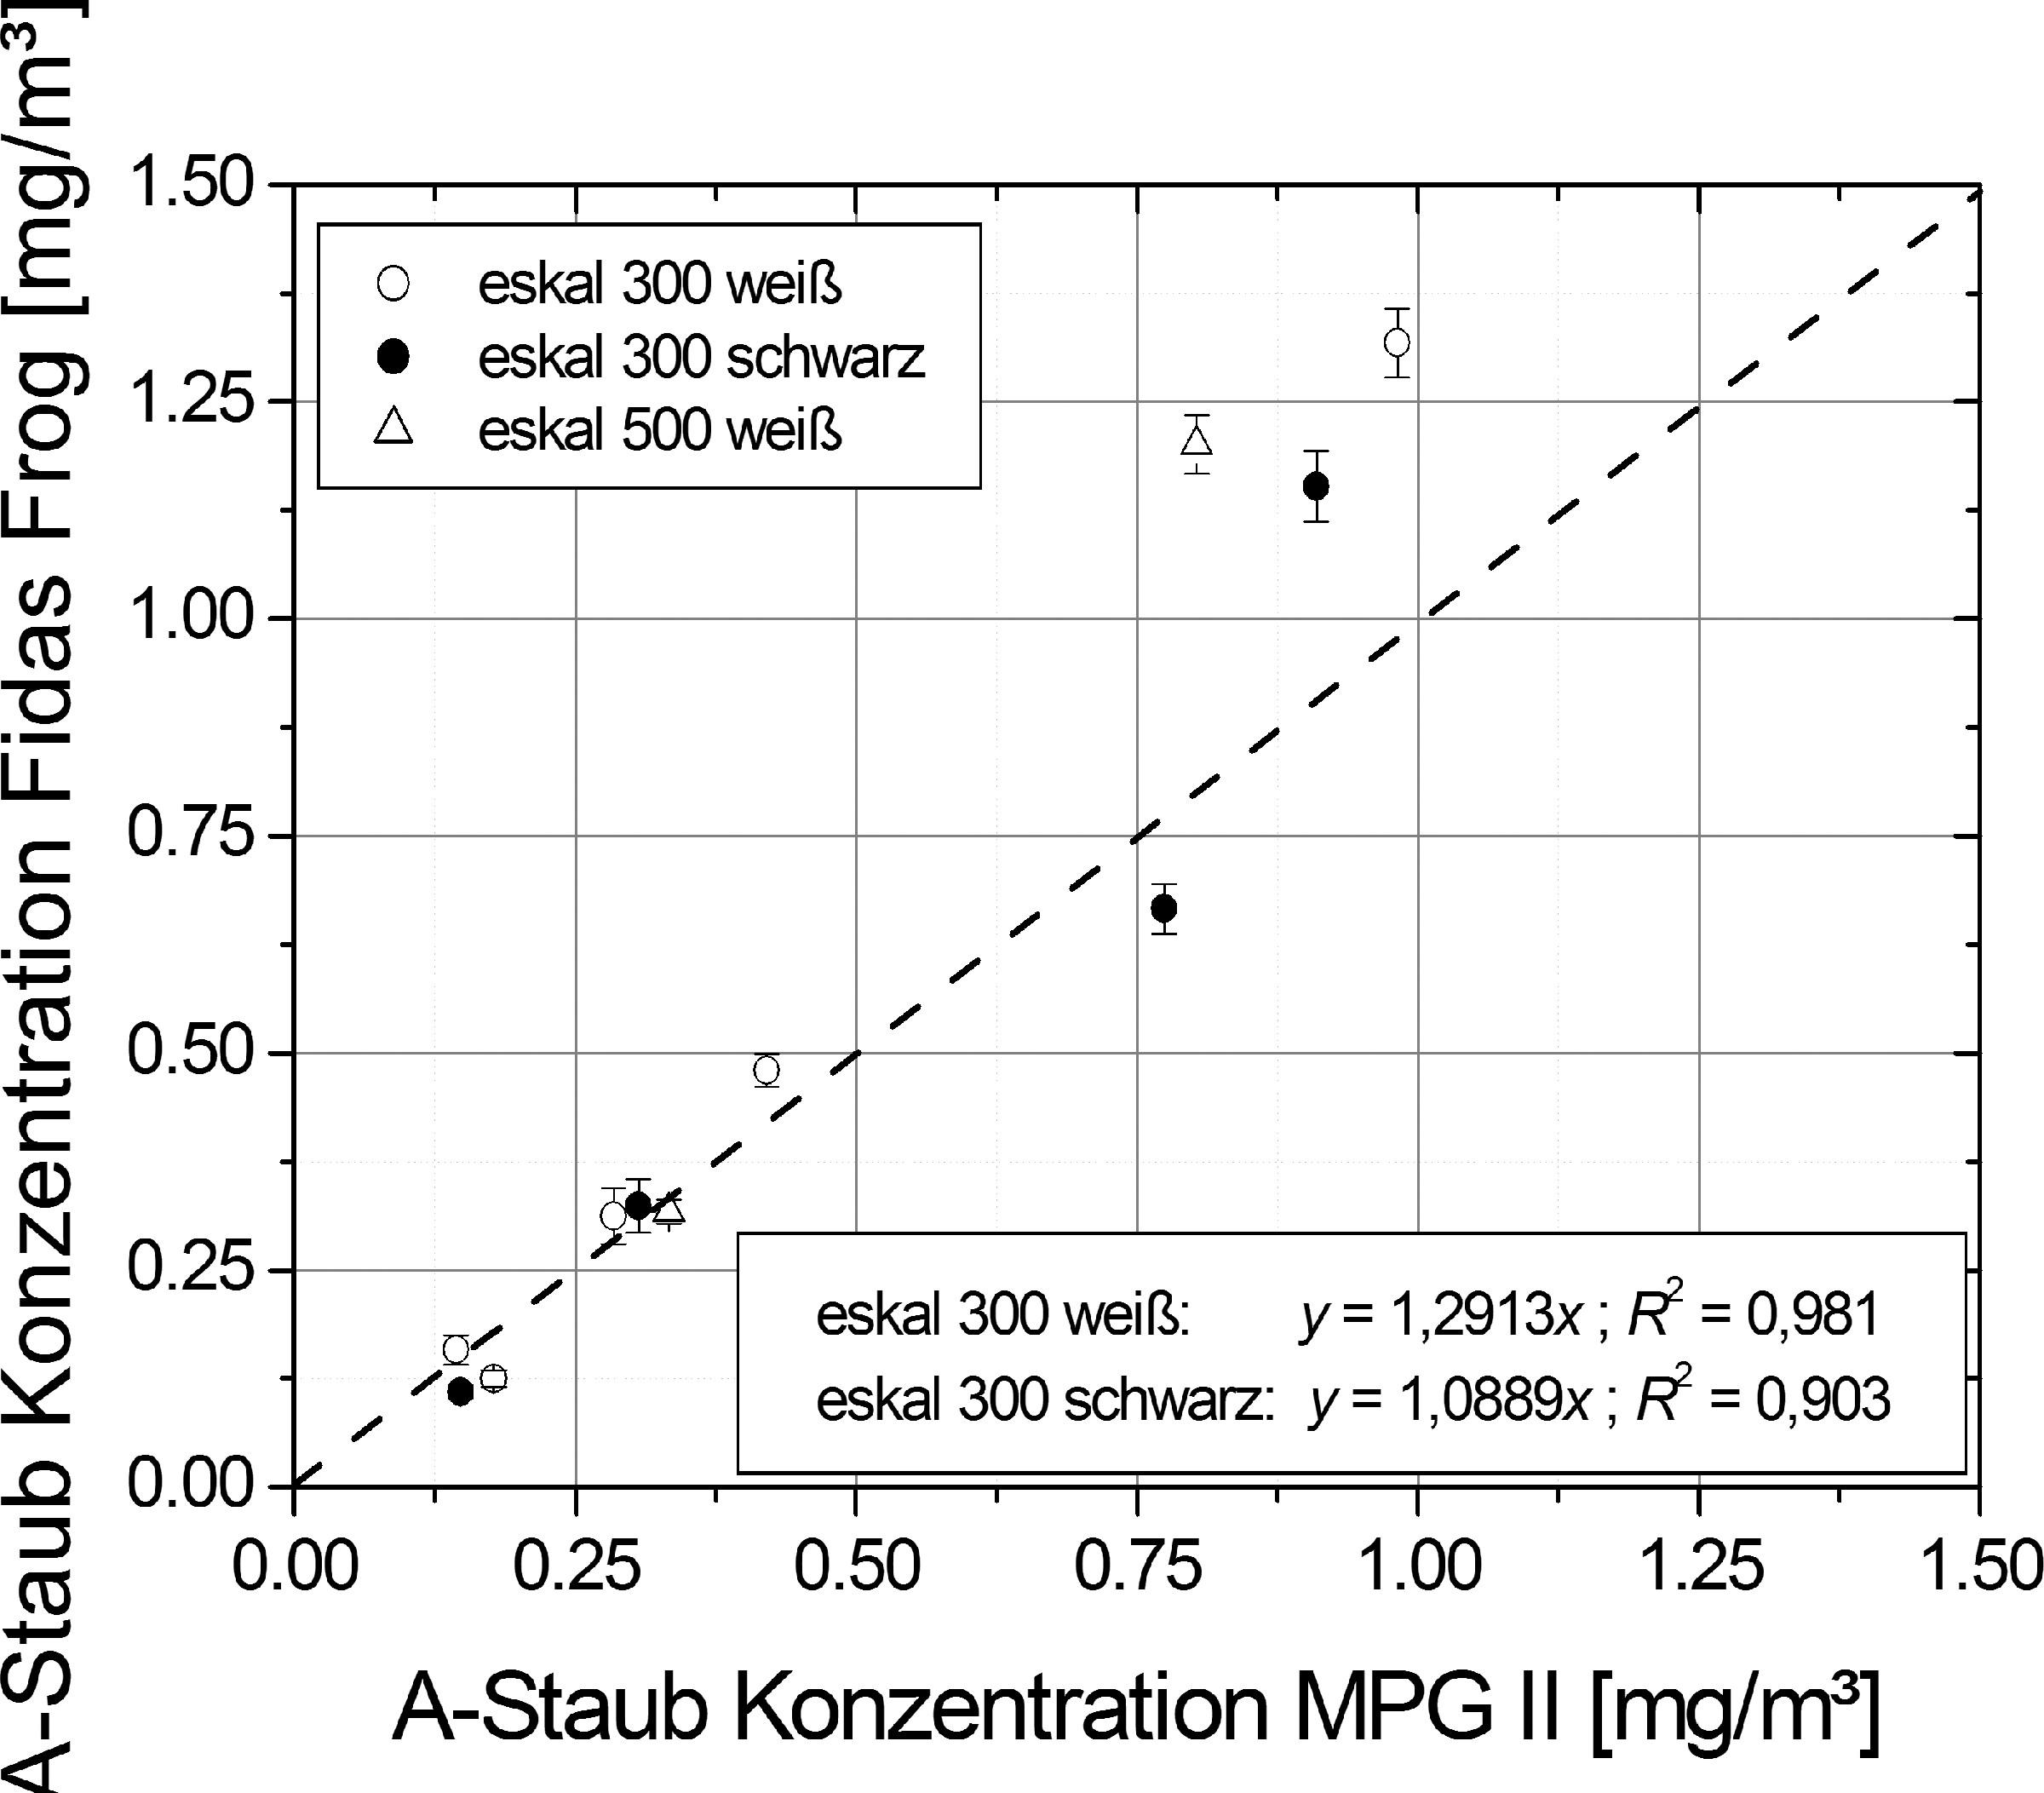 Bild 3. Korrelation der mit Fidas Frog und MPG II gemessenen A-Staub-Konzentrationen. Quelle: IUTA/IGF